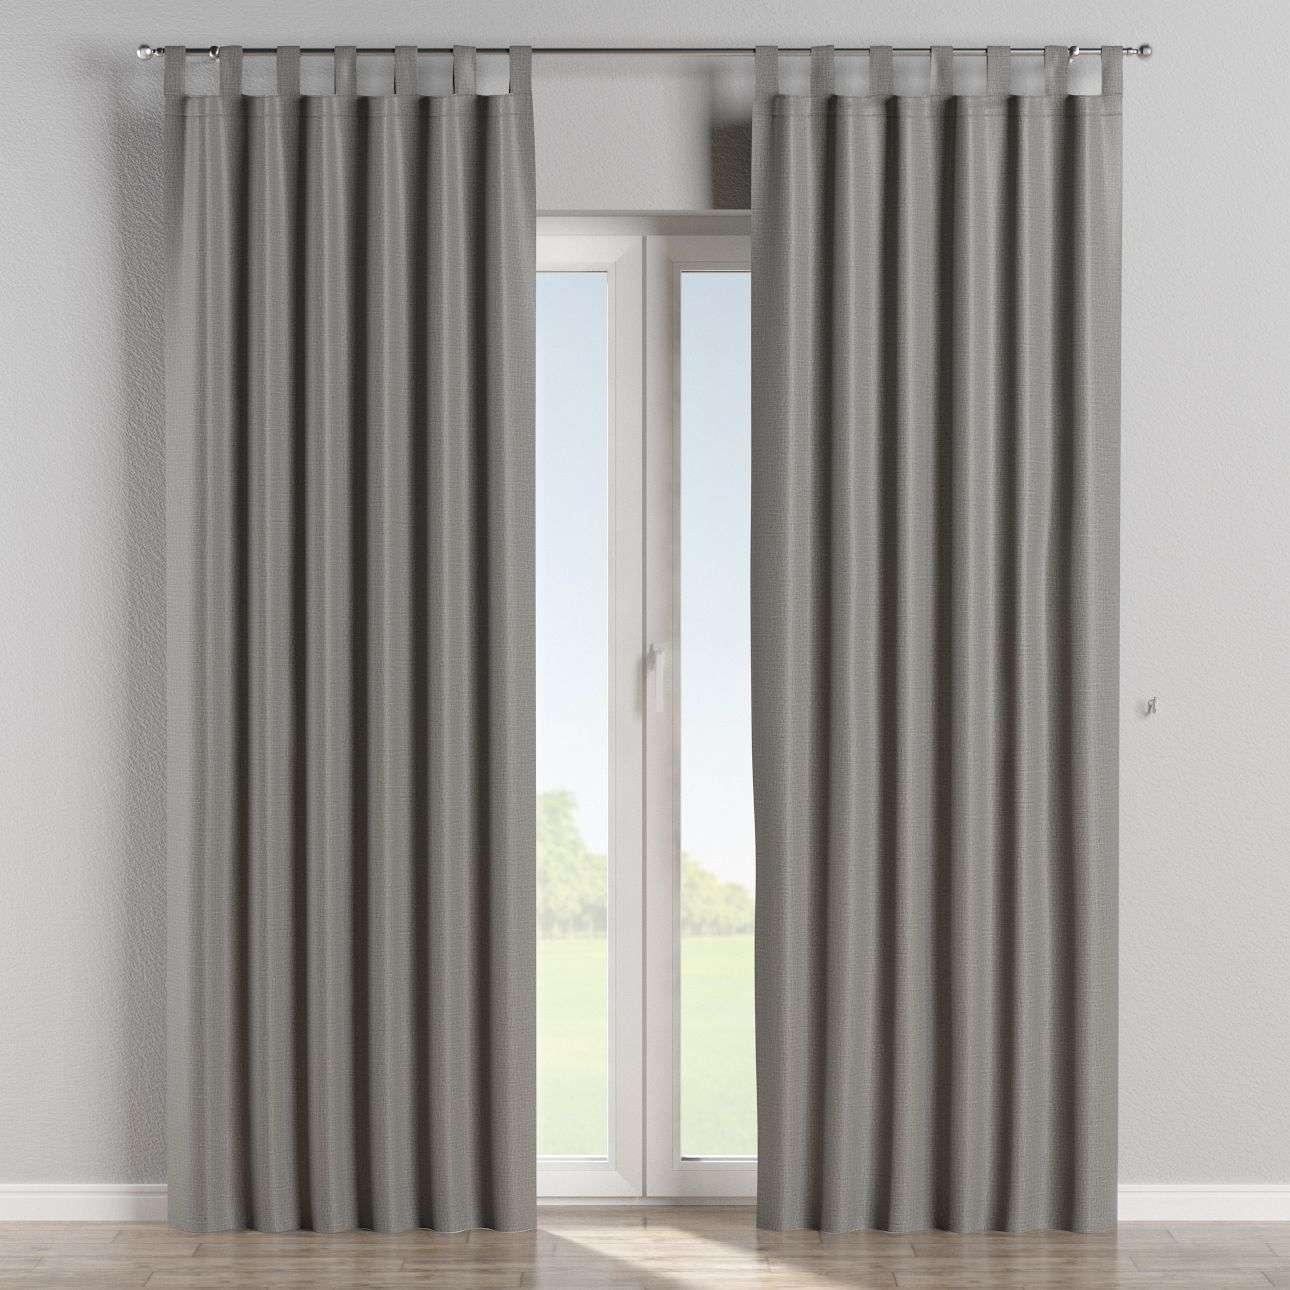 verdunklungsvorhang mit schlaufen dunkelgrau dekoria. Black Bedroom Furniture Sets. Home Design Ideas